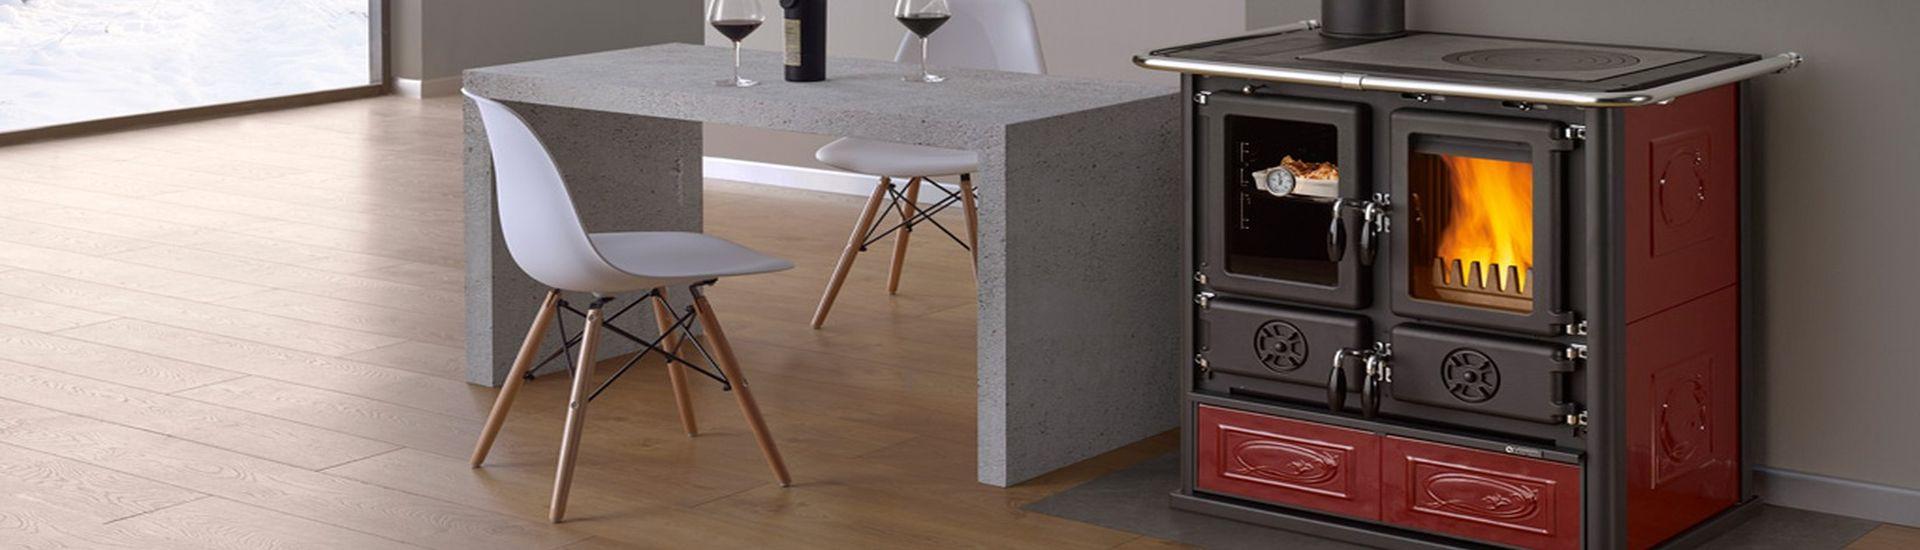 Ecofiamma stufe a legna pellet e caminetti cucine a legna - Cucine a pellet prezzi ...